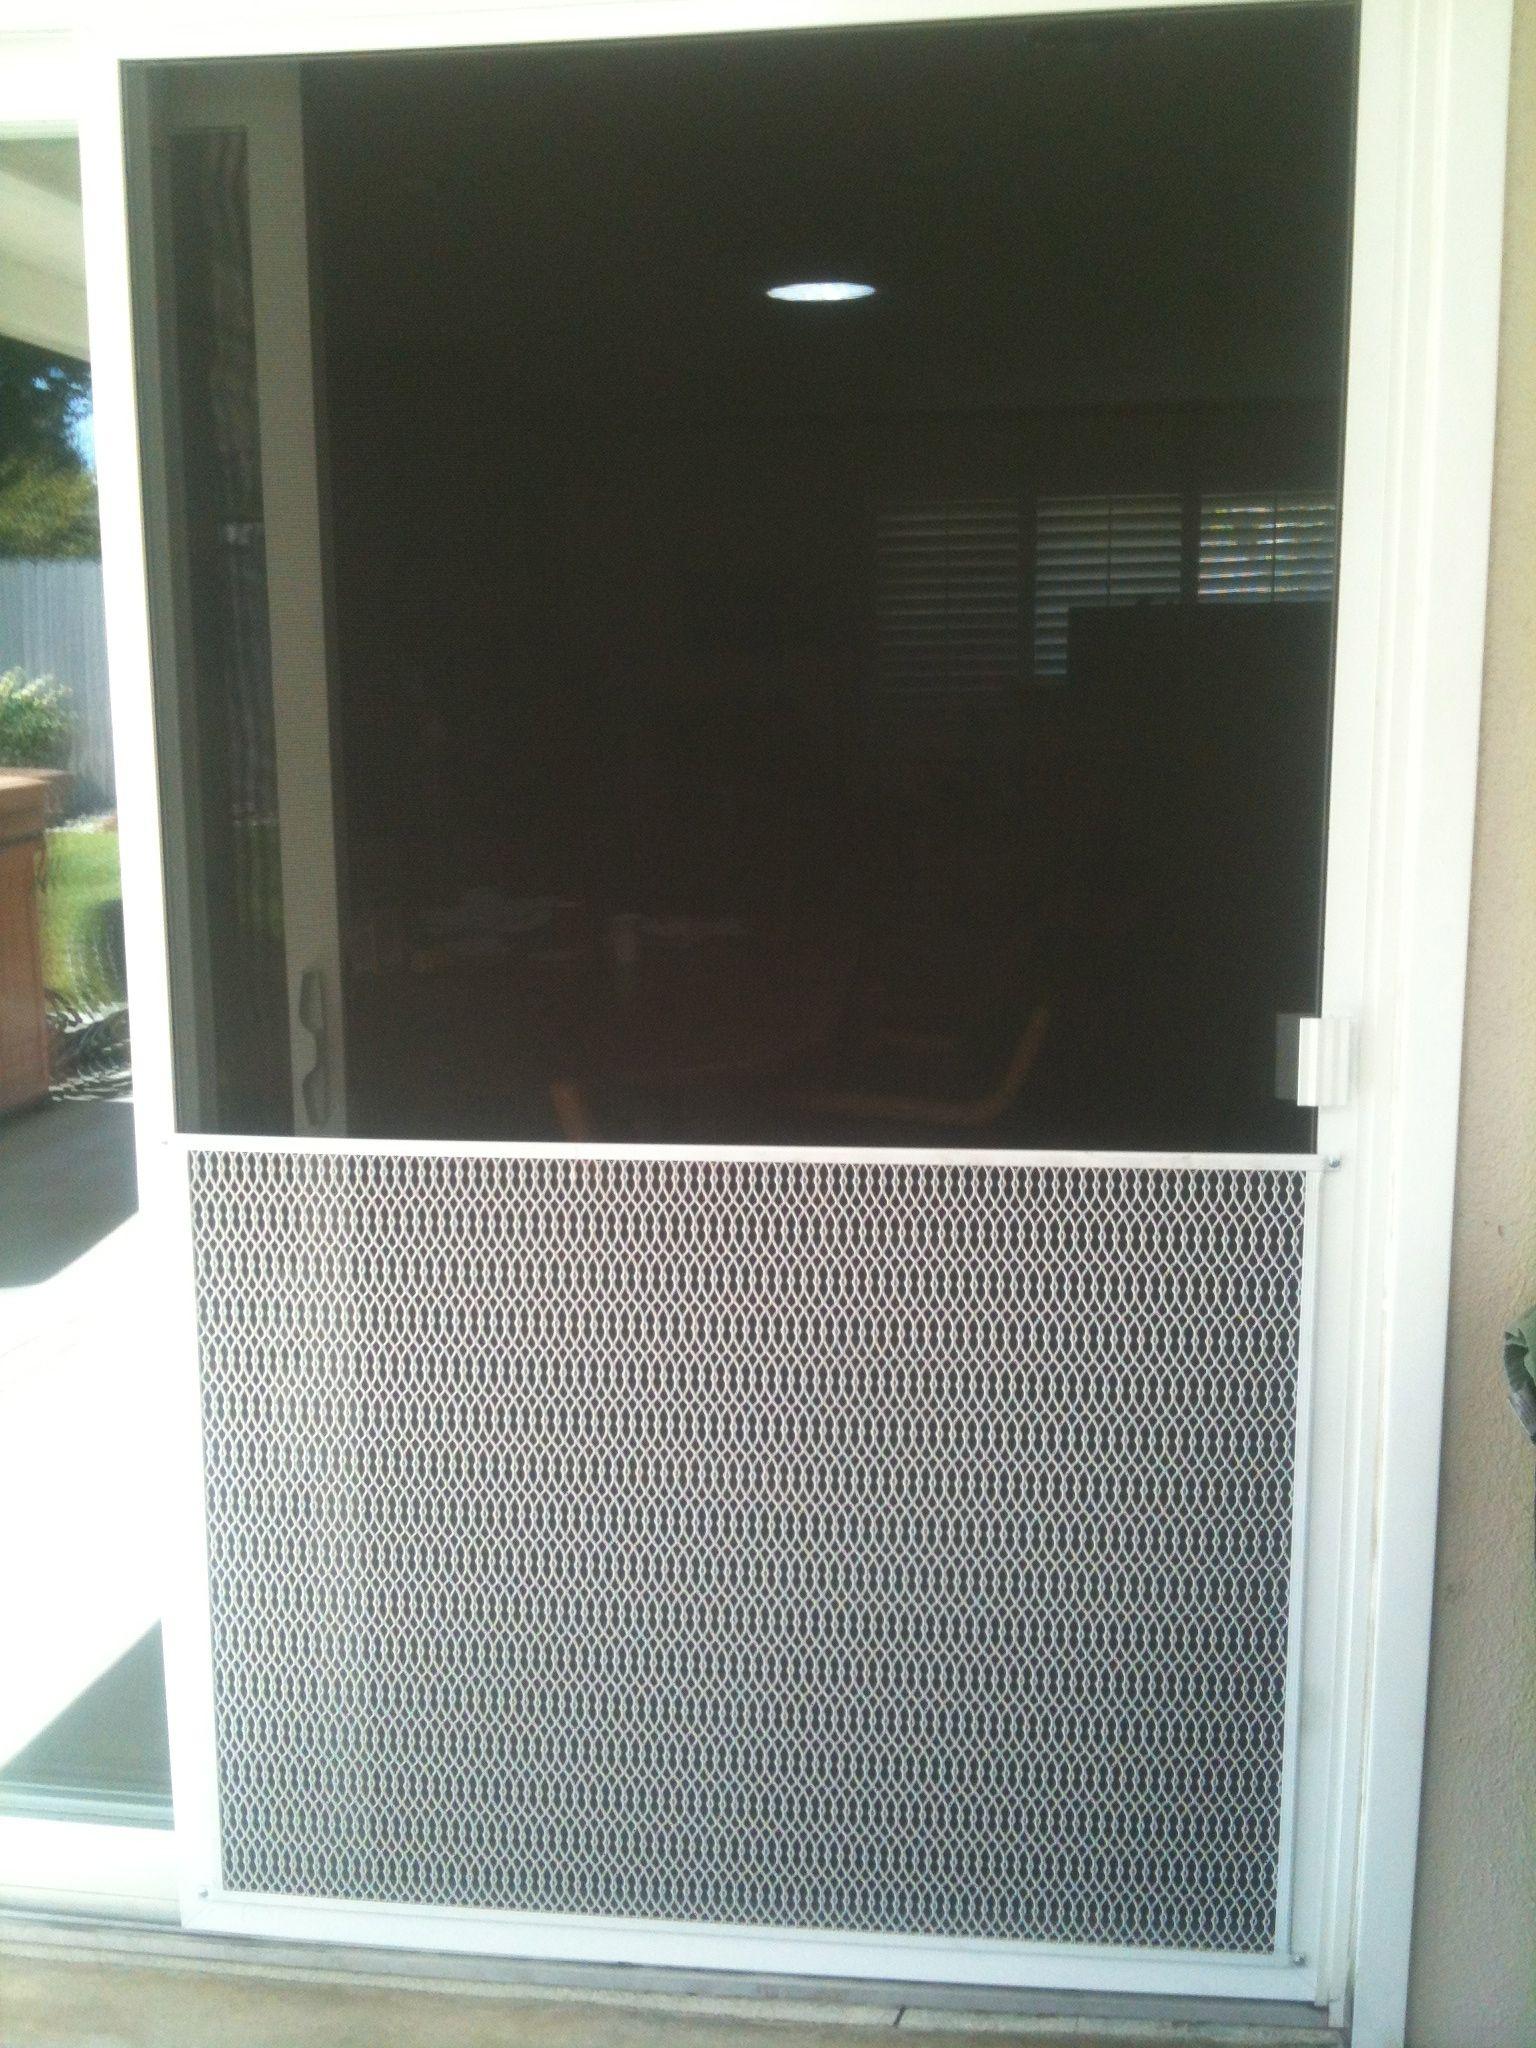 Patio screen door guards thefallguyediting pinterest